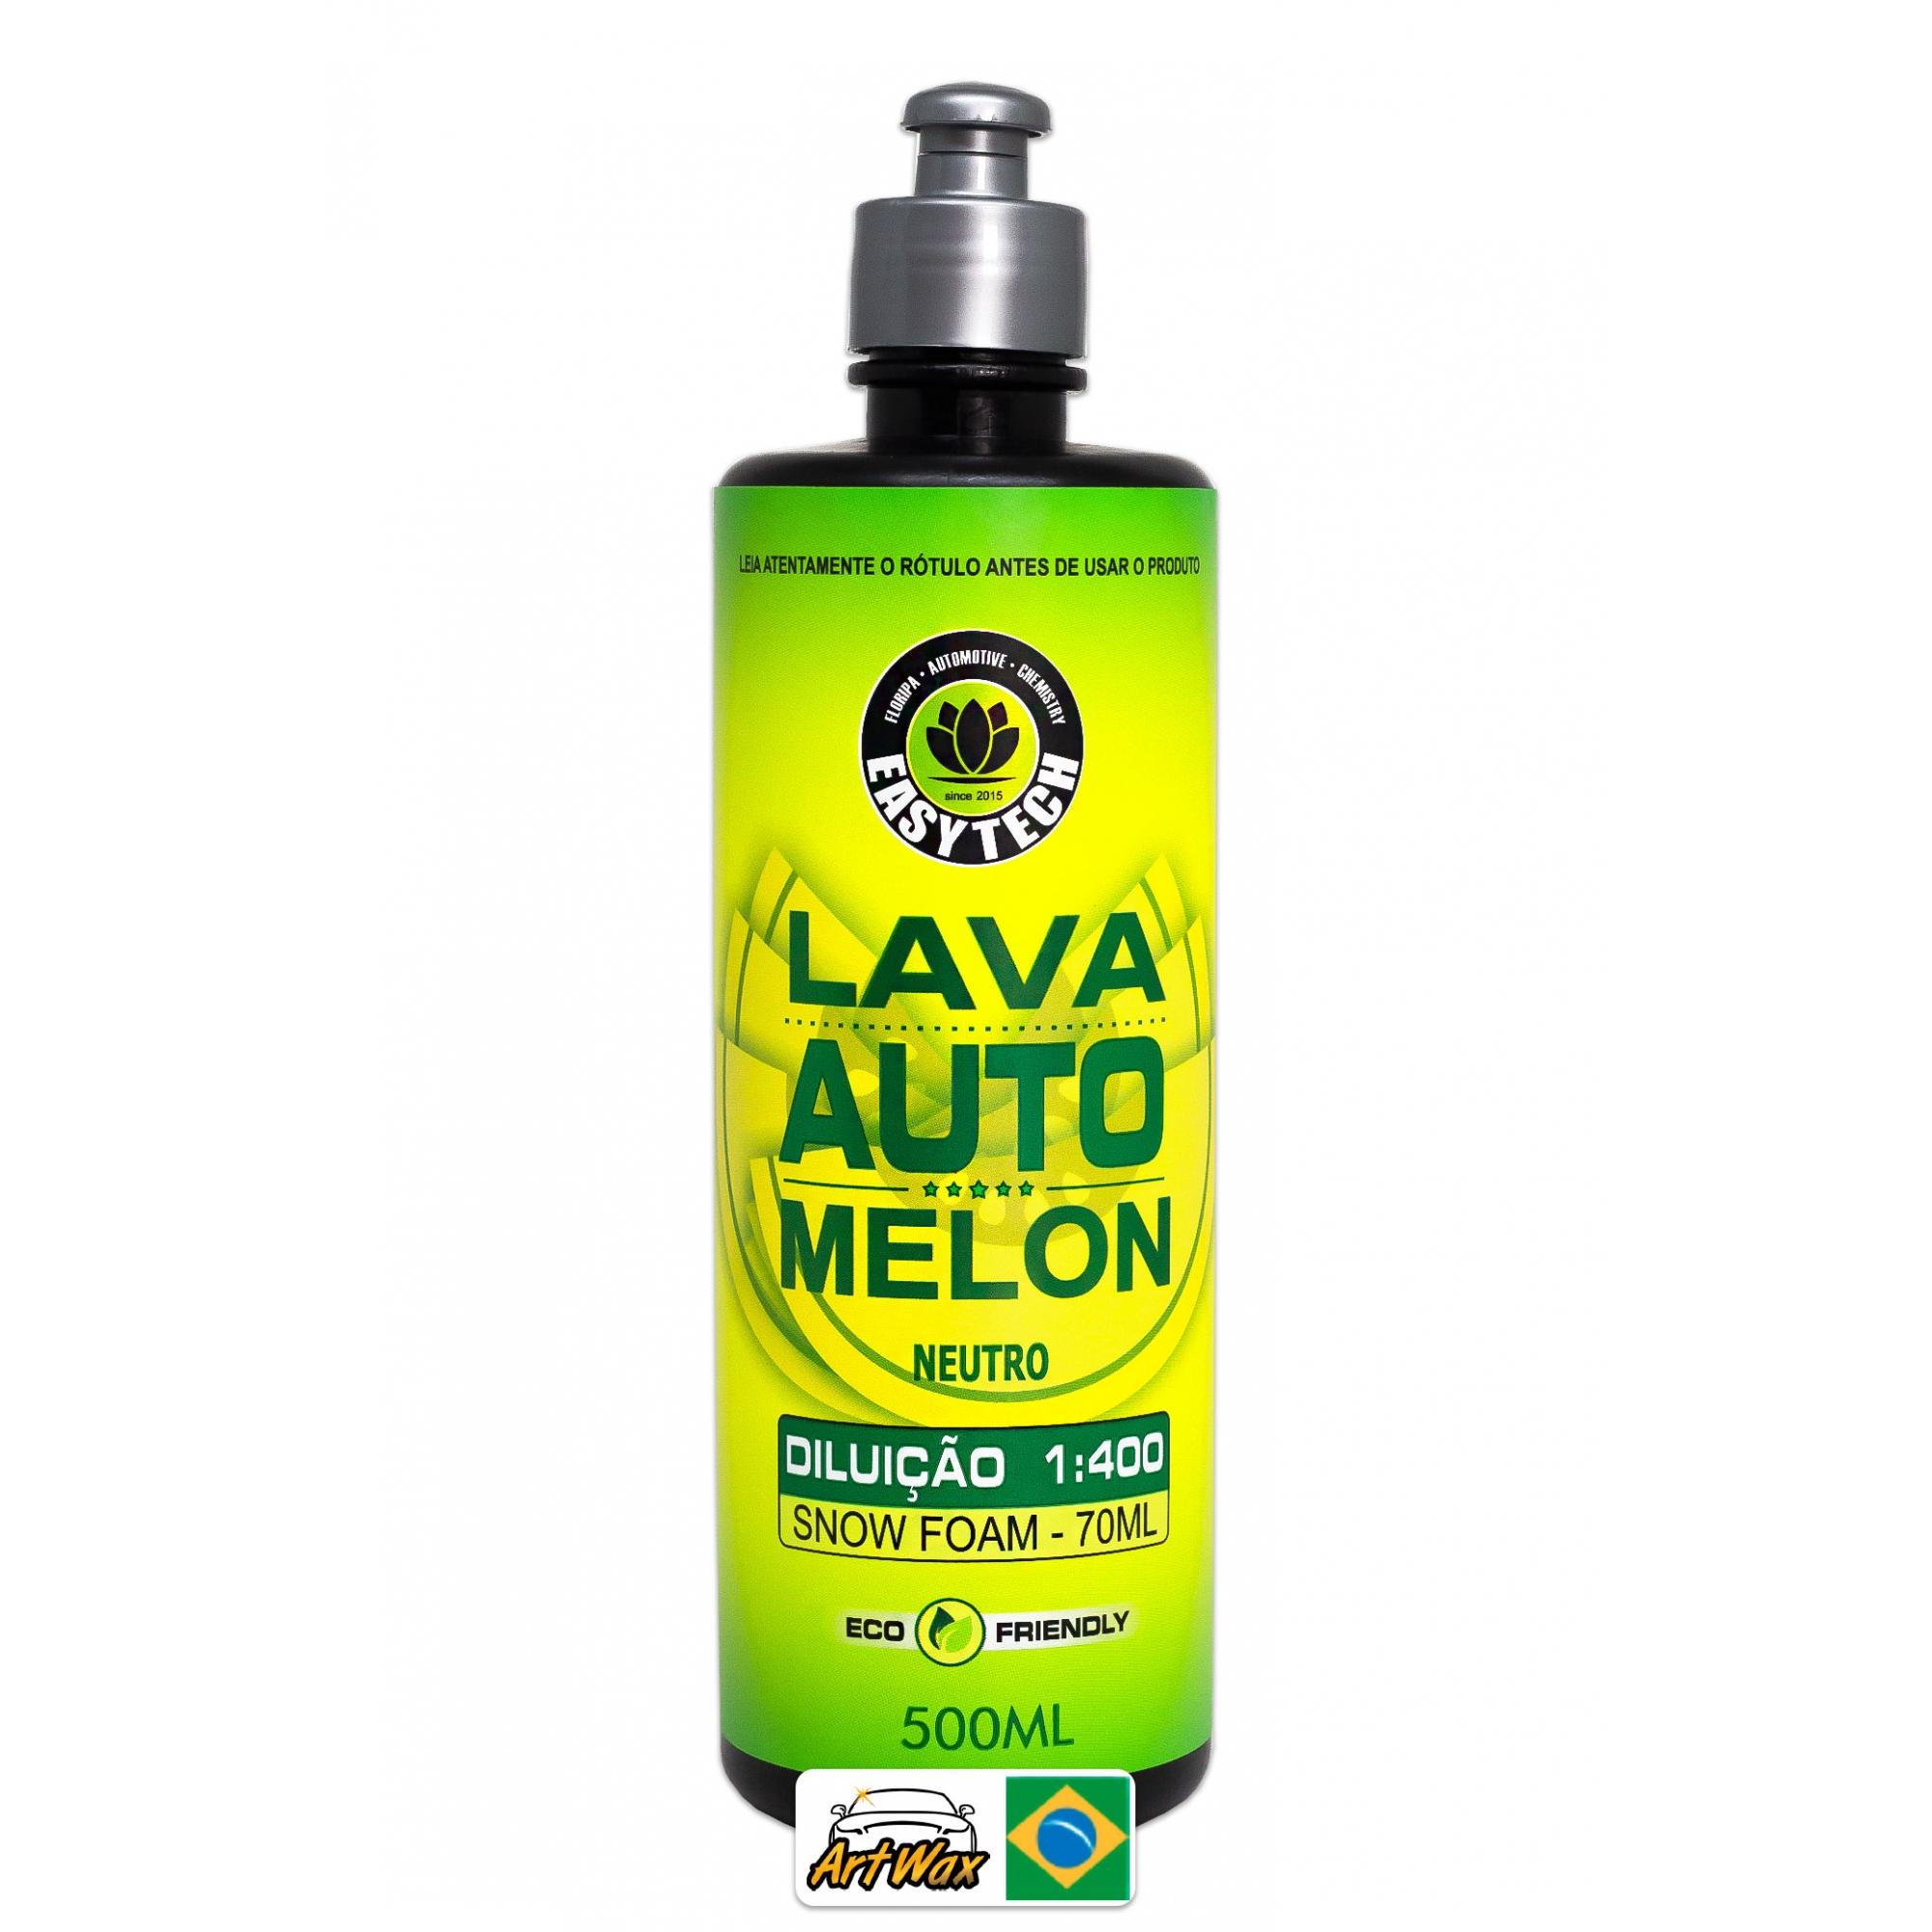 Shampoo Automotivo Melon Easytech 1:400 - 500ml Concentrado